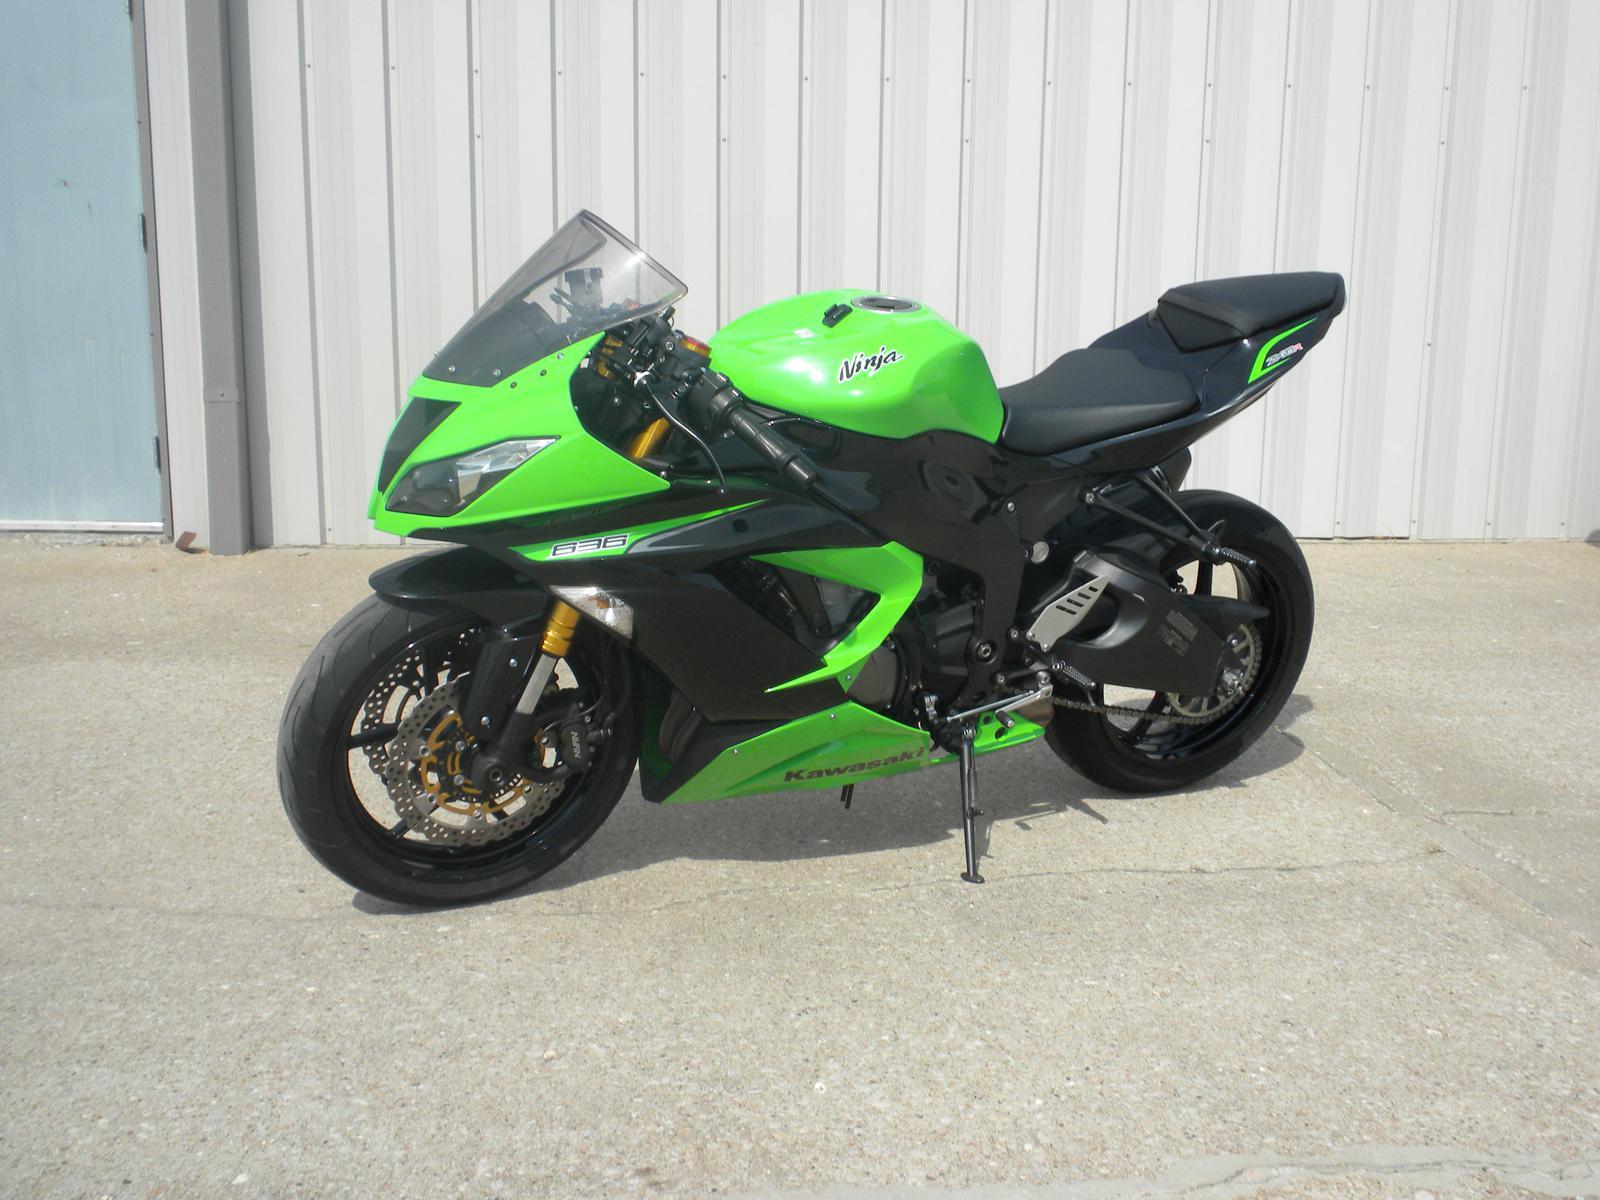 2013 Kawasaki Ninja Zx6r 636 For Sale In Sedalia Mo Dicks Cycle